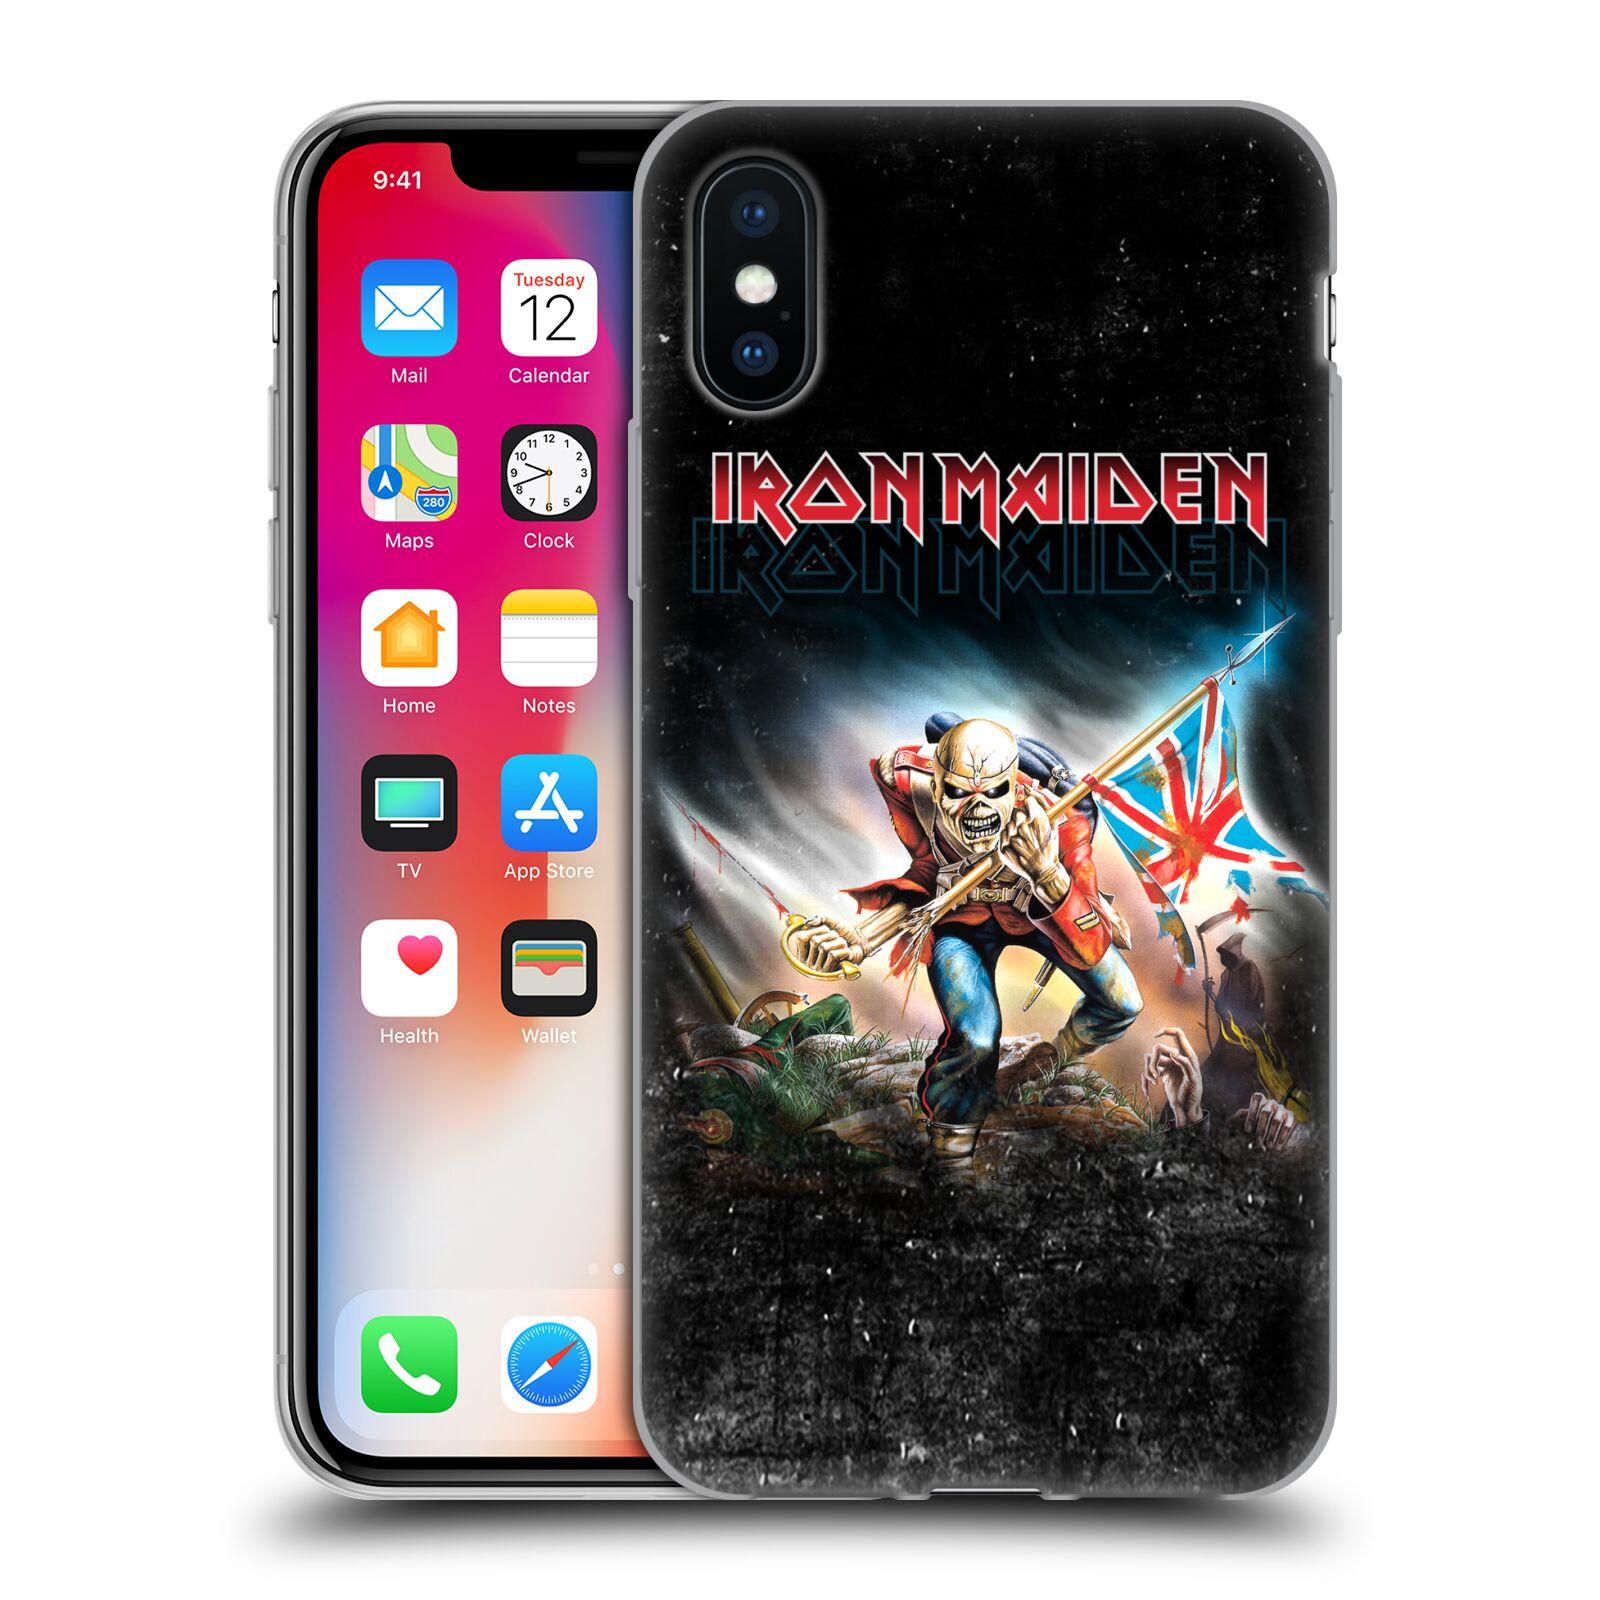 Silikonové pouzdro na mobil Apple iPhone XS - Head Case - Iron Maiden - Trooper 2016